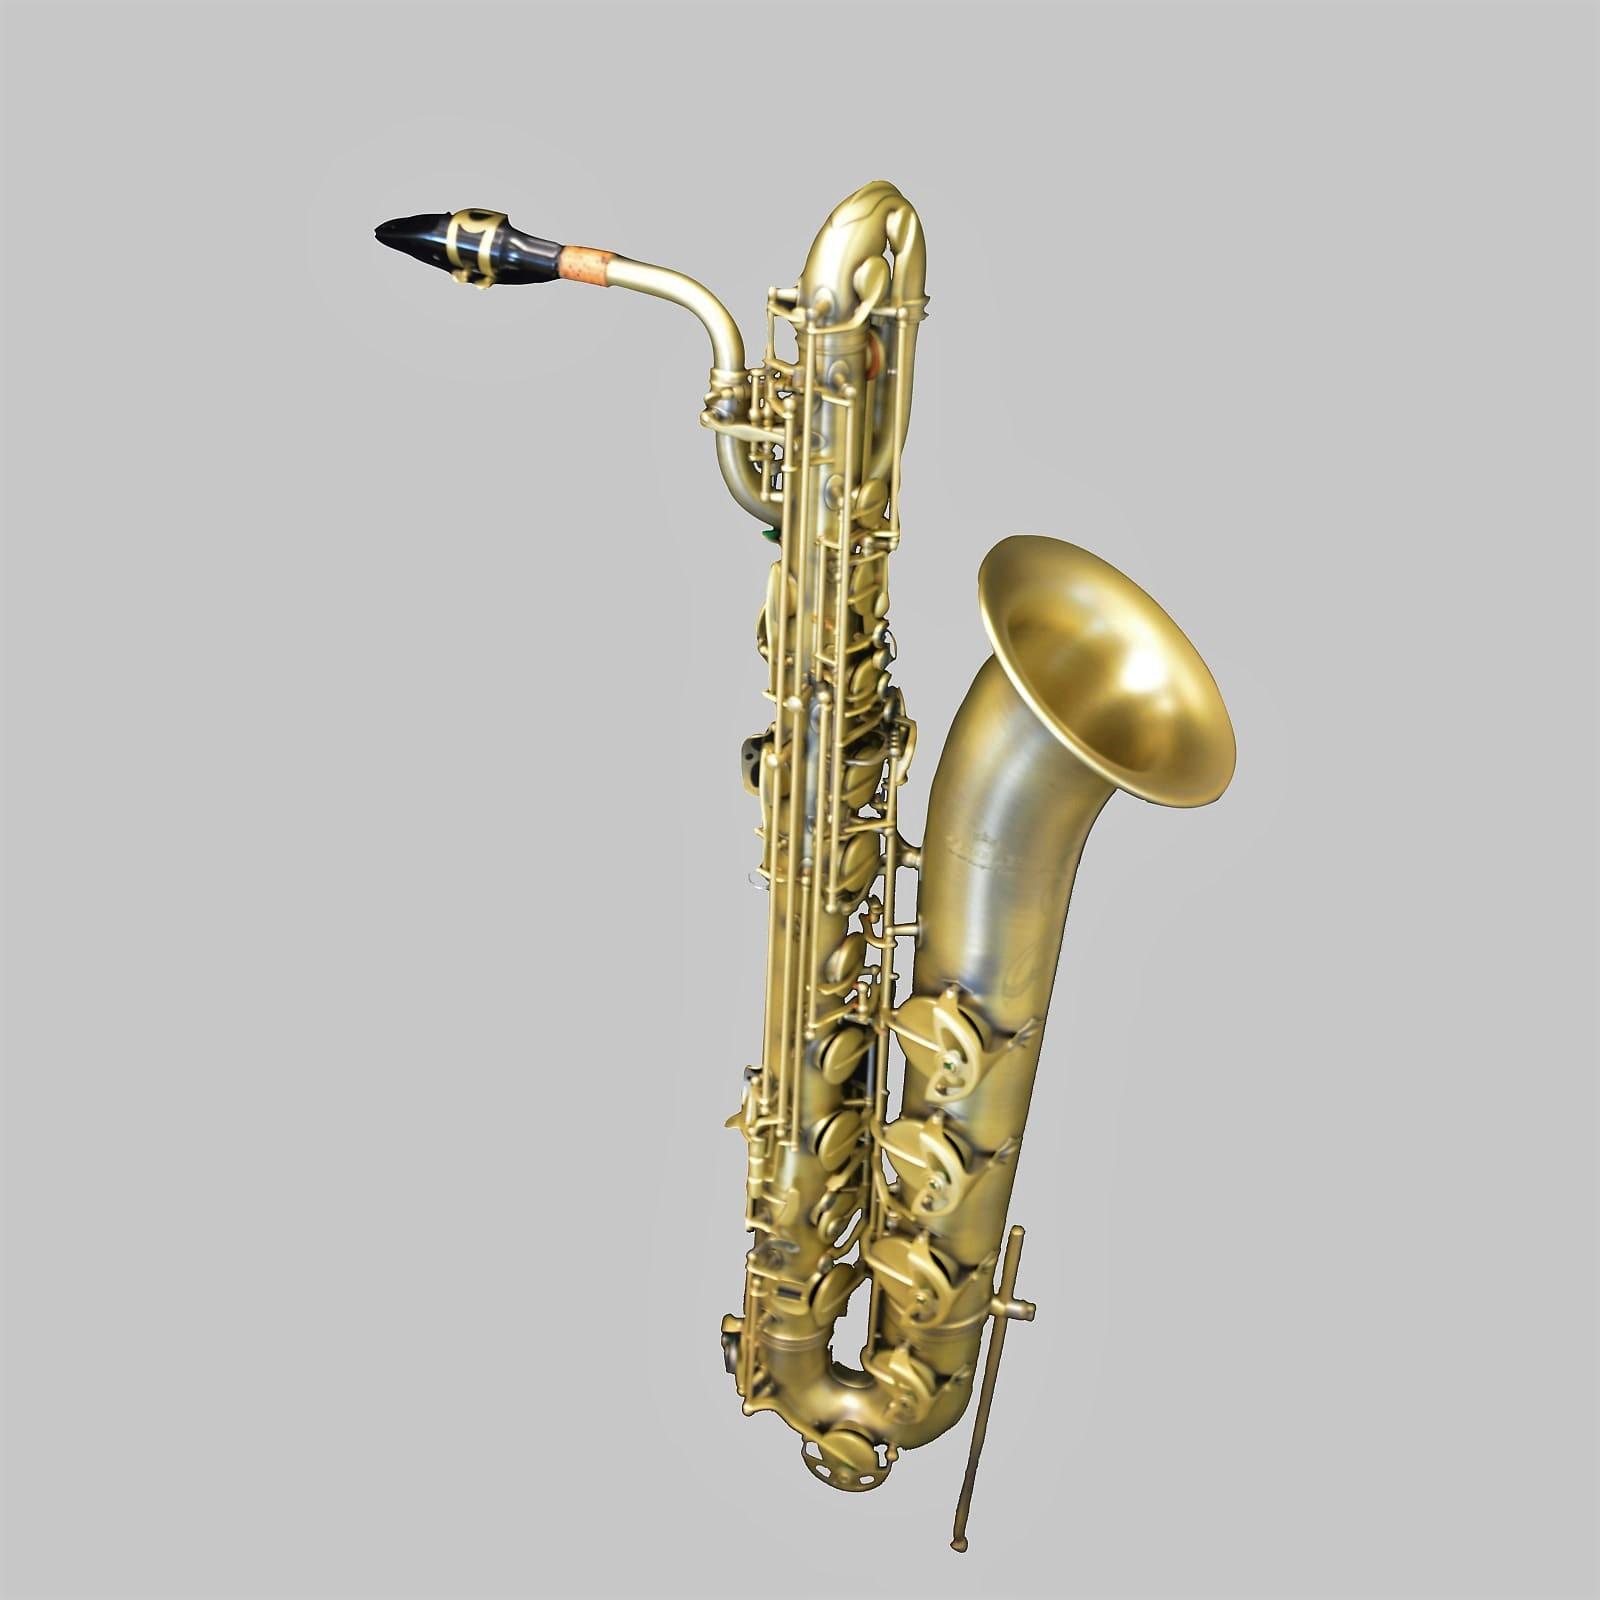 Schiller Elite V Baritone Saxophone Luxus Brass Plated